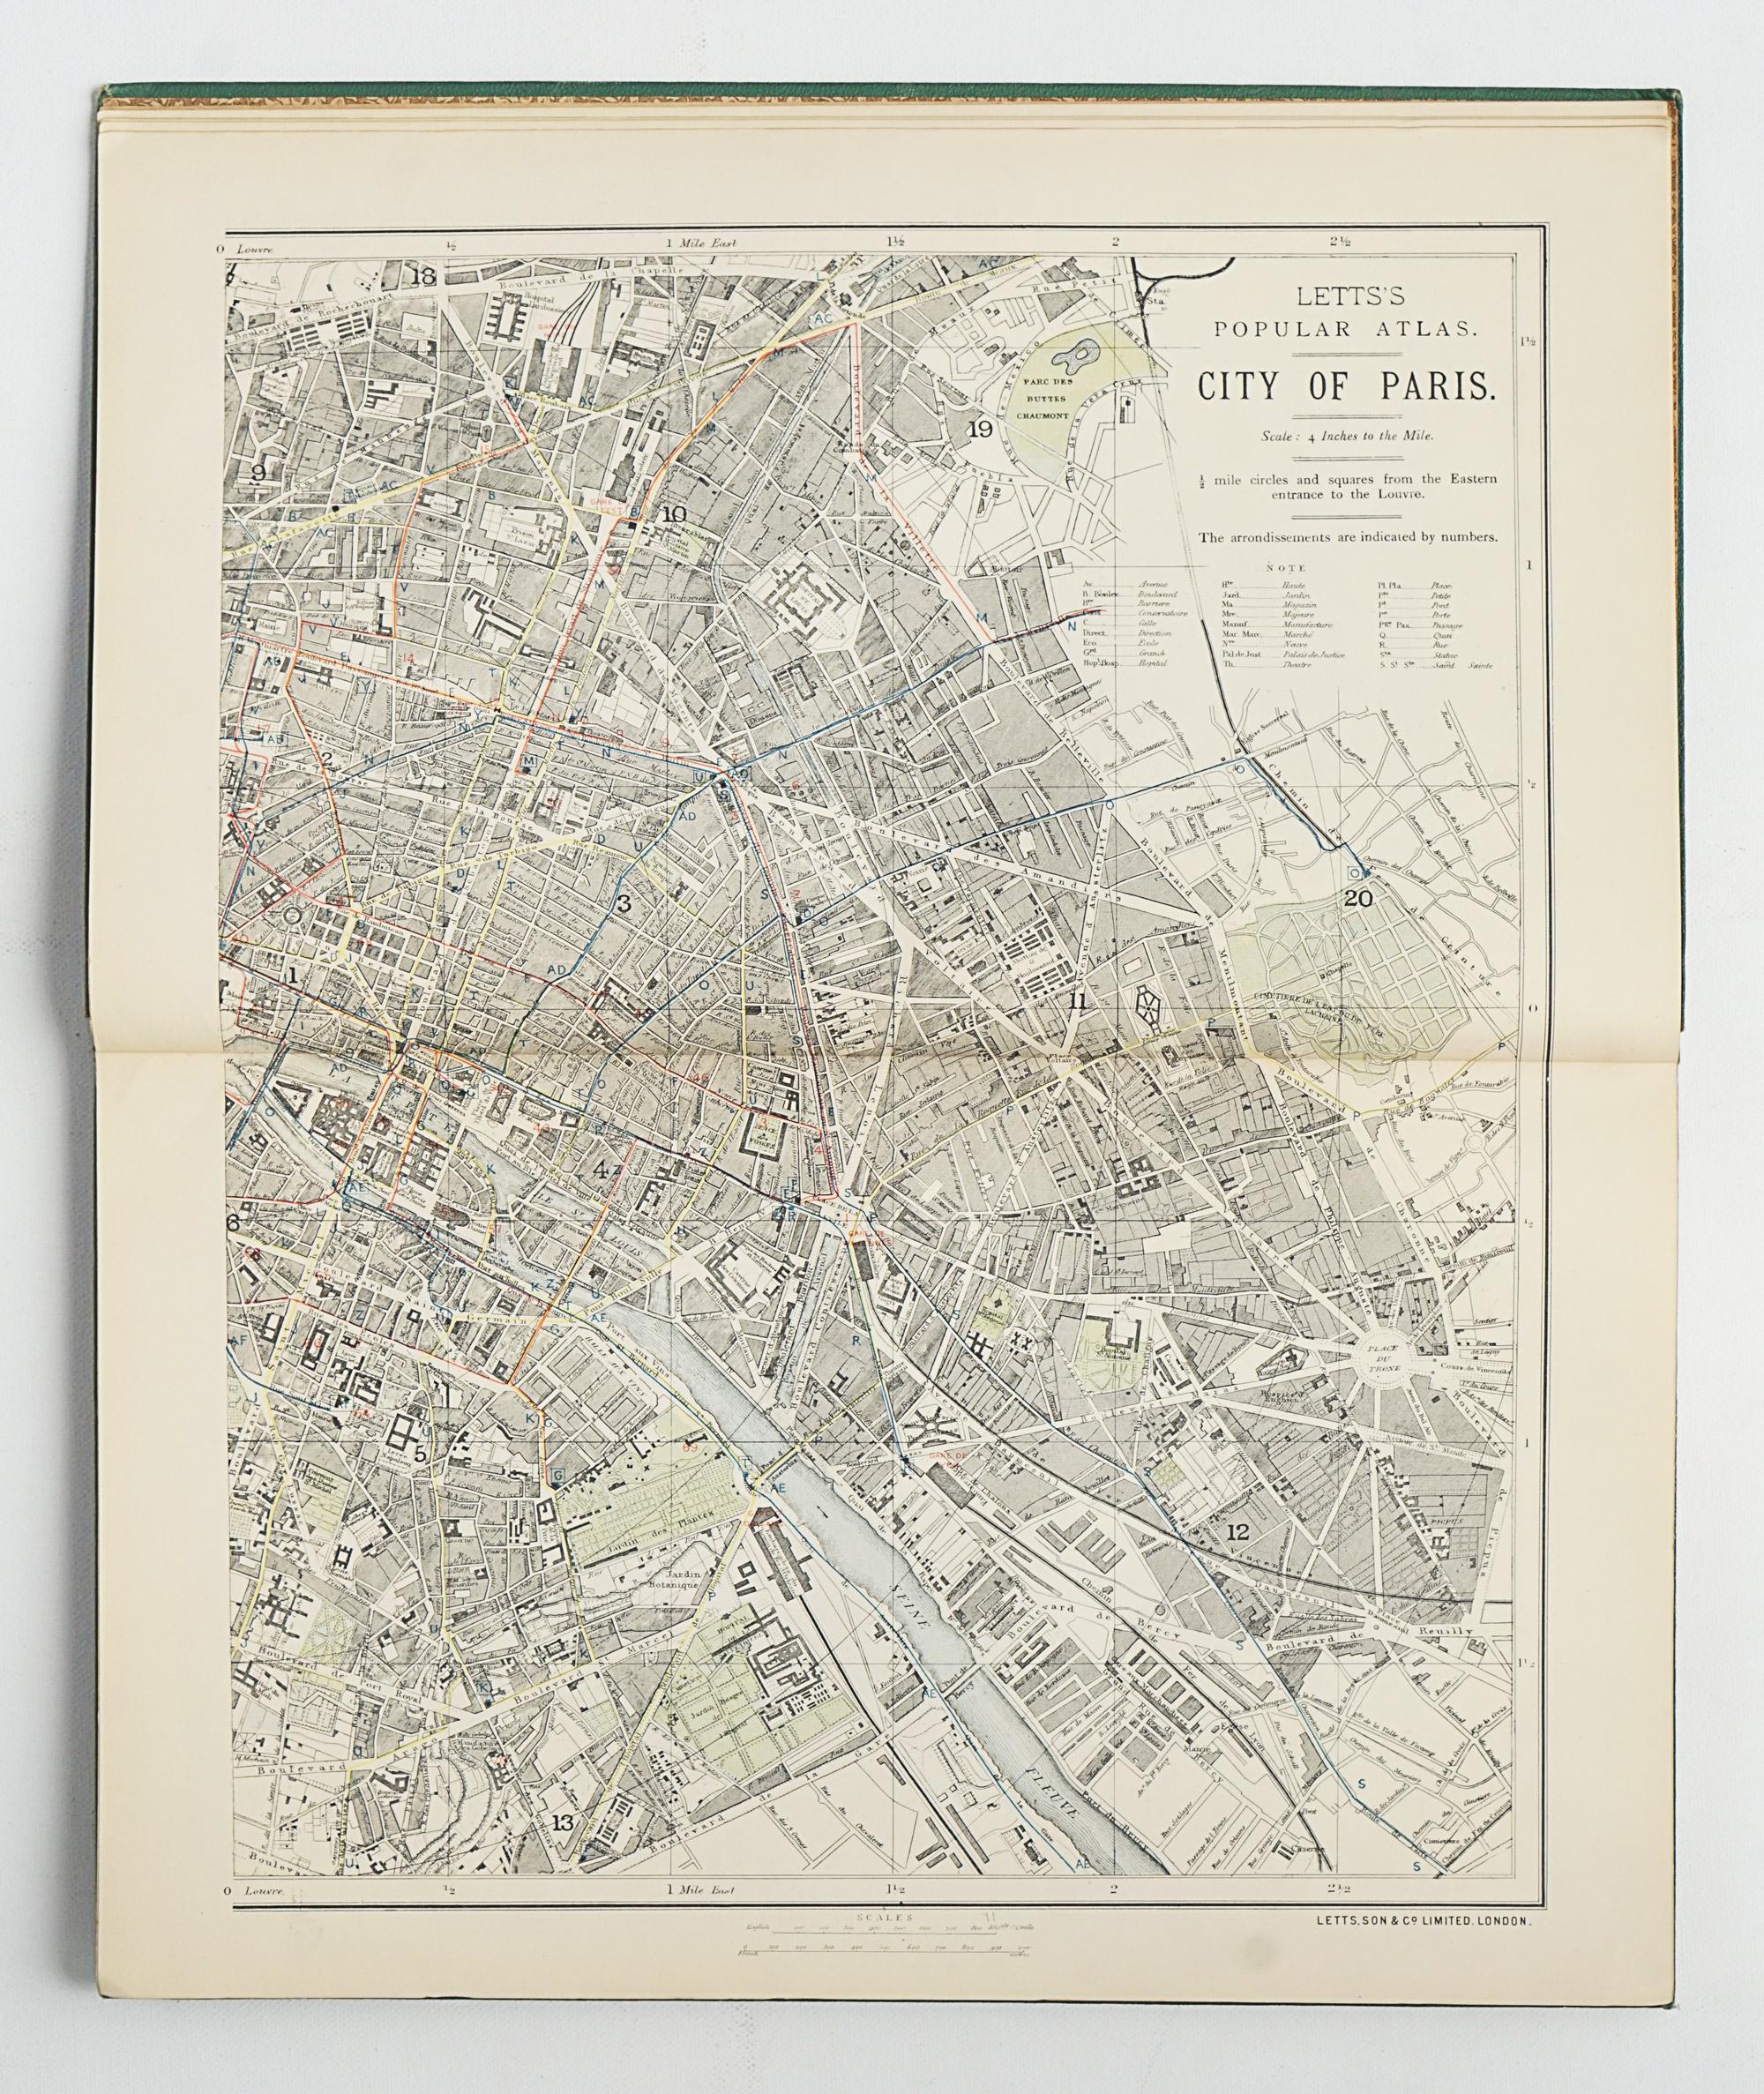 Letts's Popular Atlas - Europe